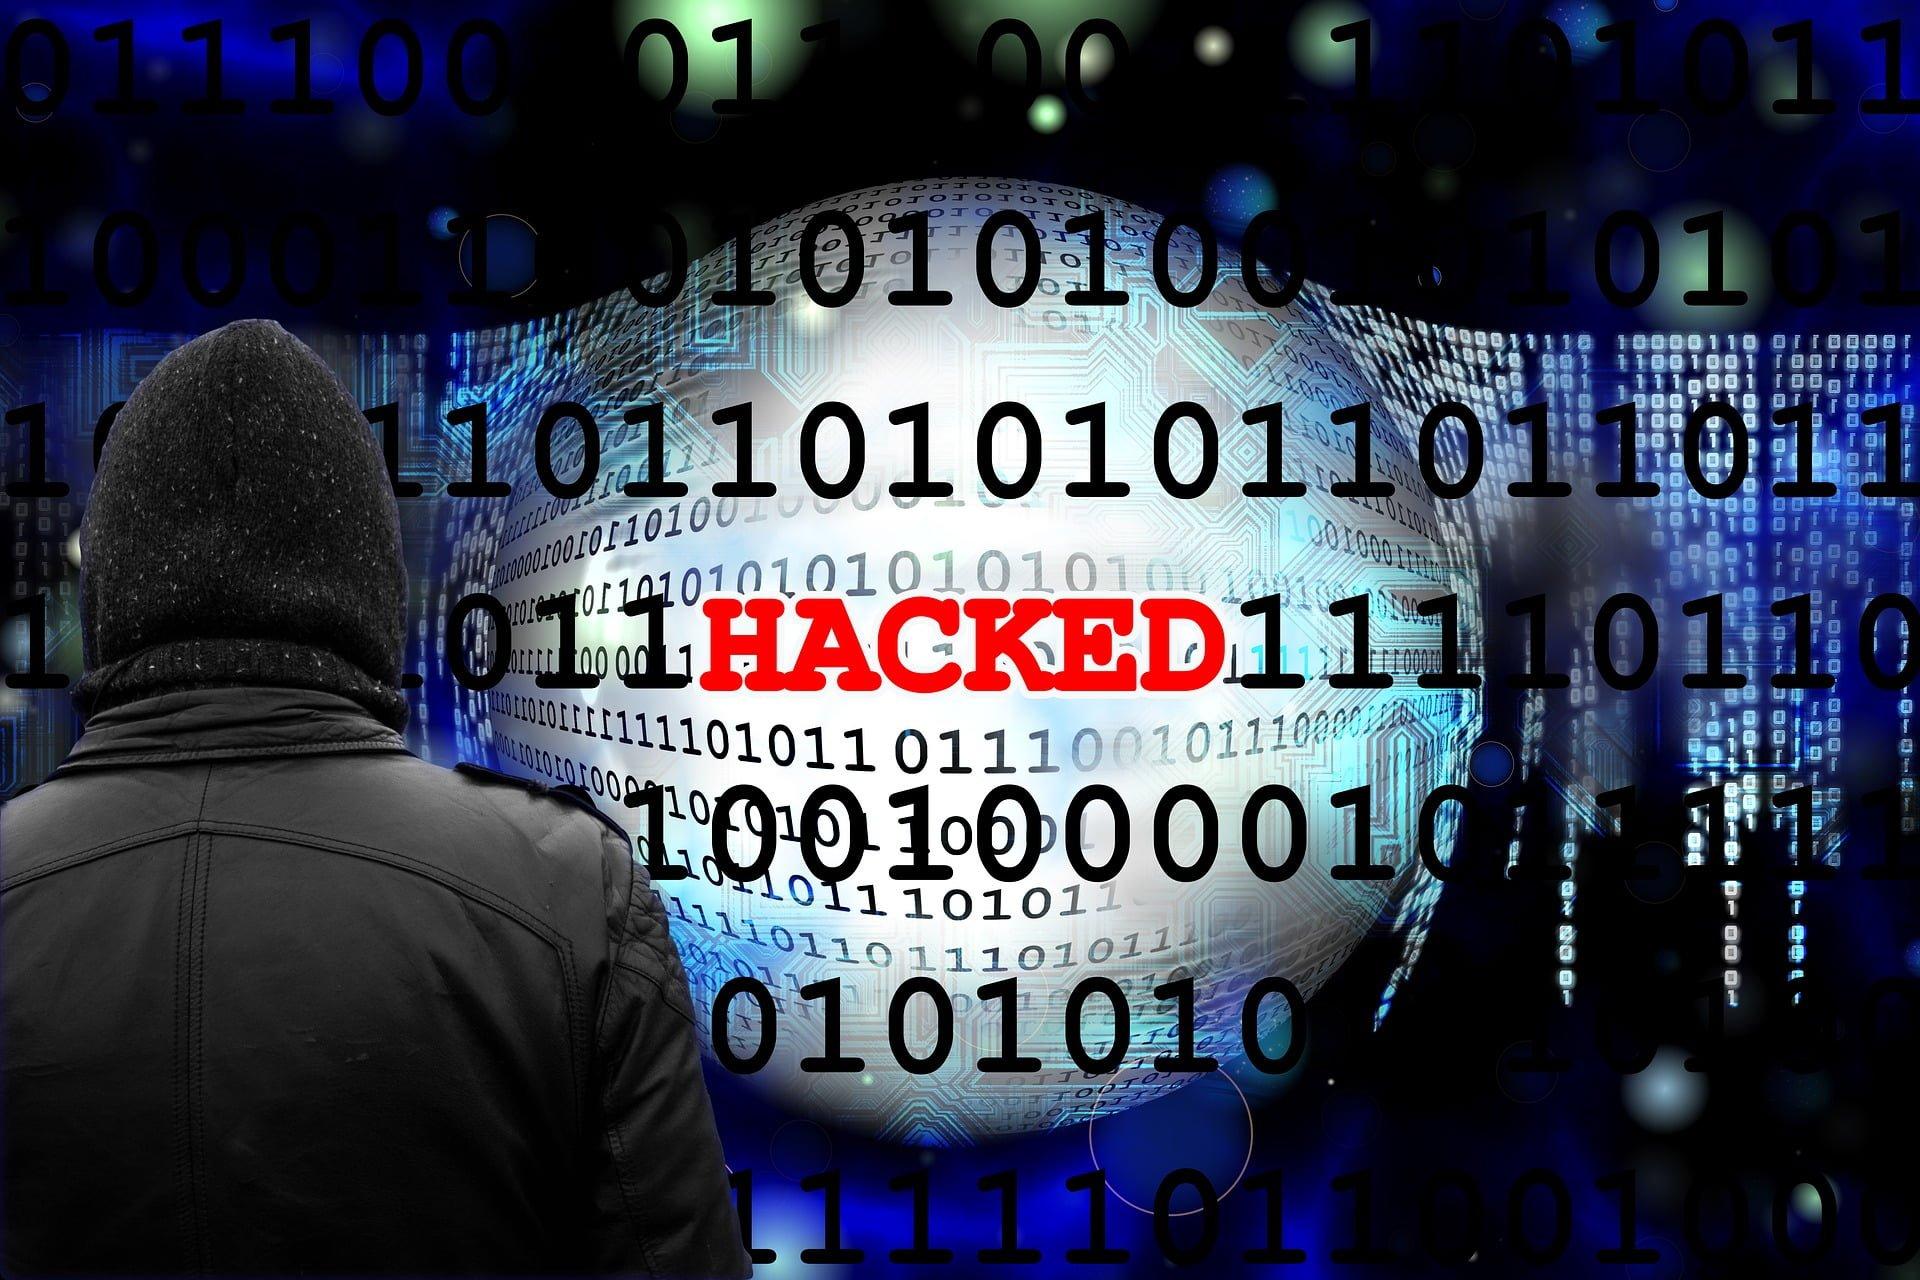 Hackare angriper varandra